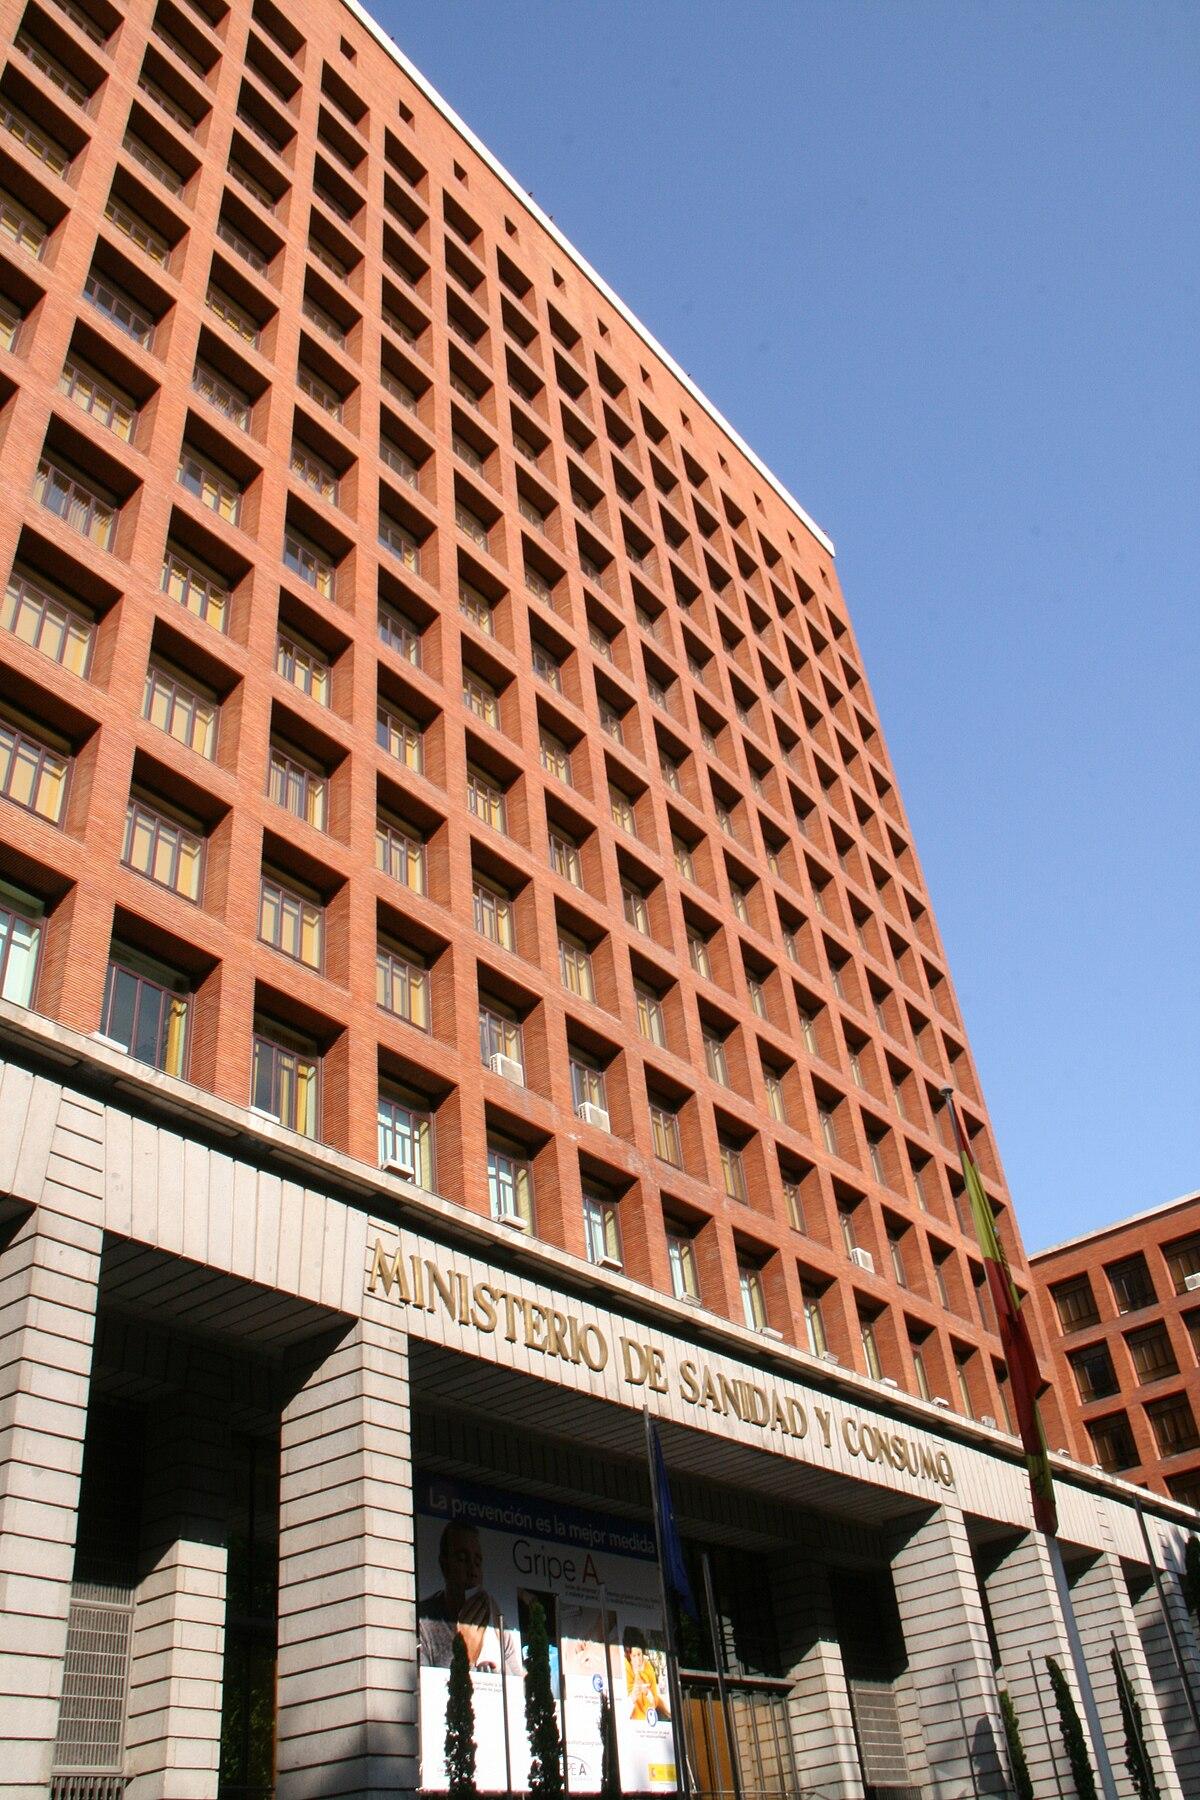 Sistema nacional de salud espa a wikipedia la - Trabajo arquitecto madrid ...